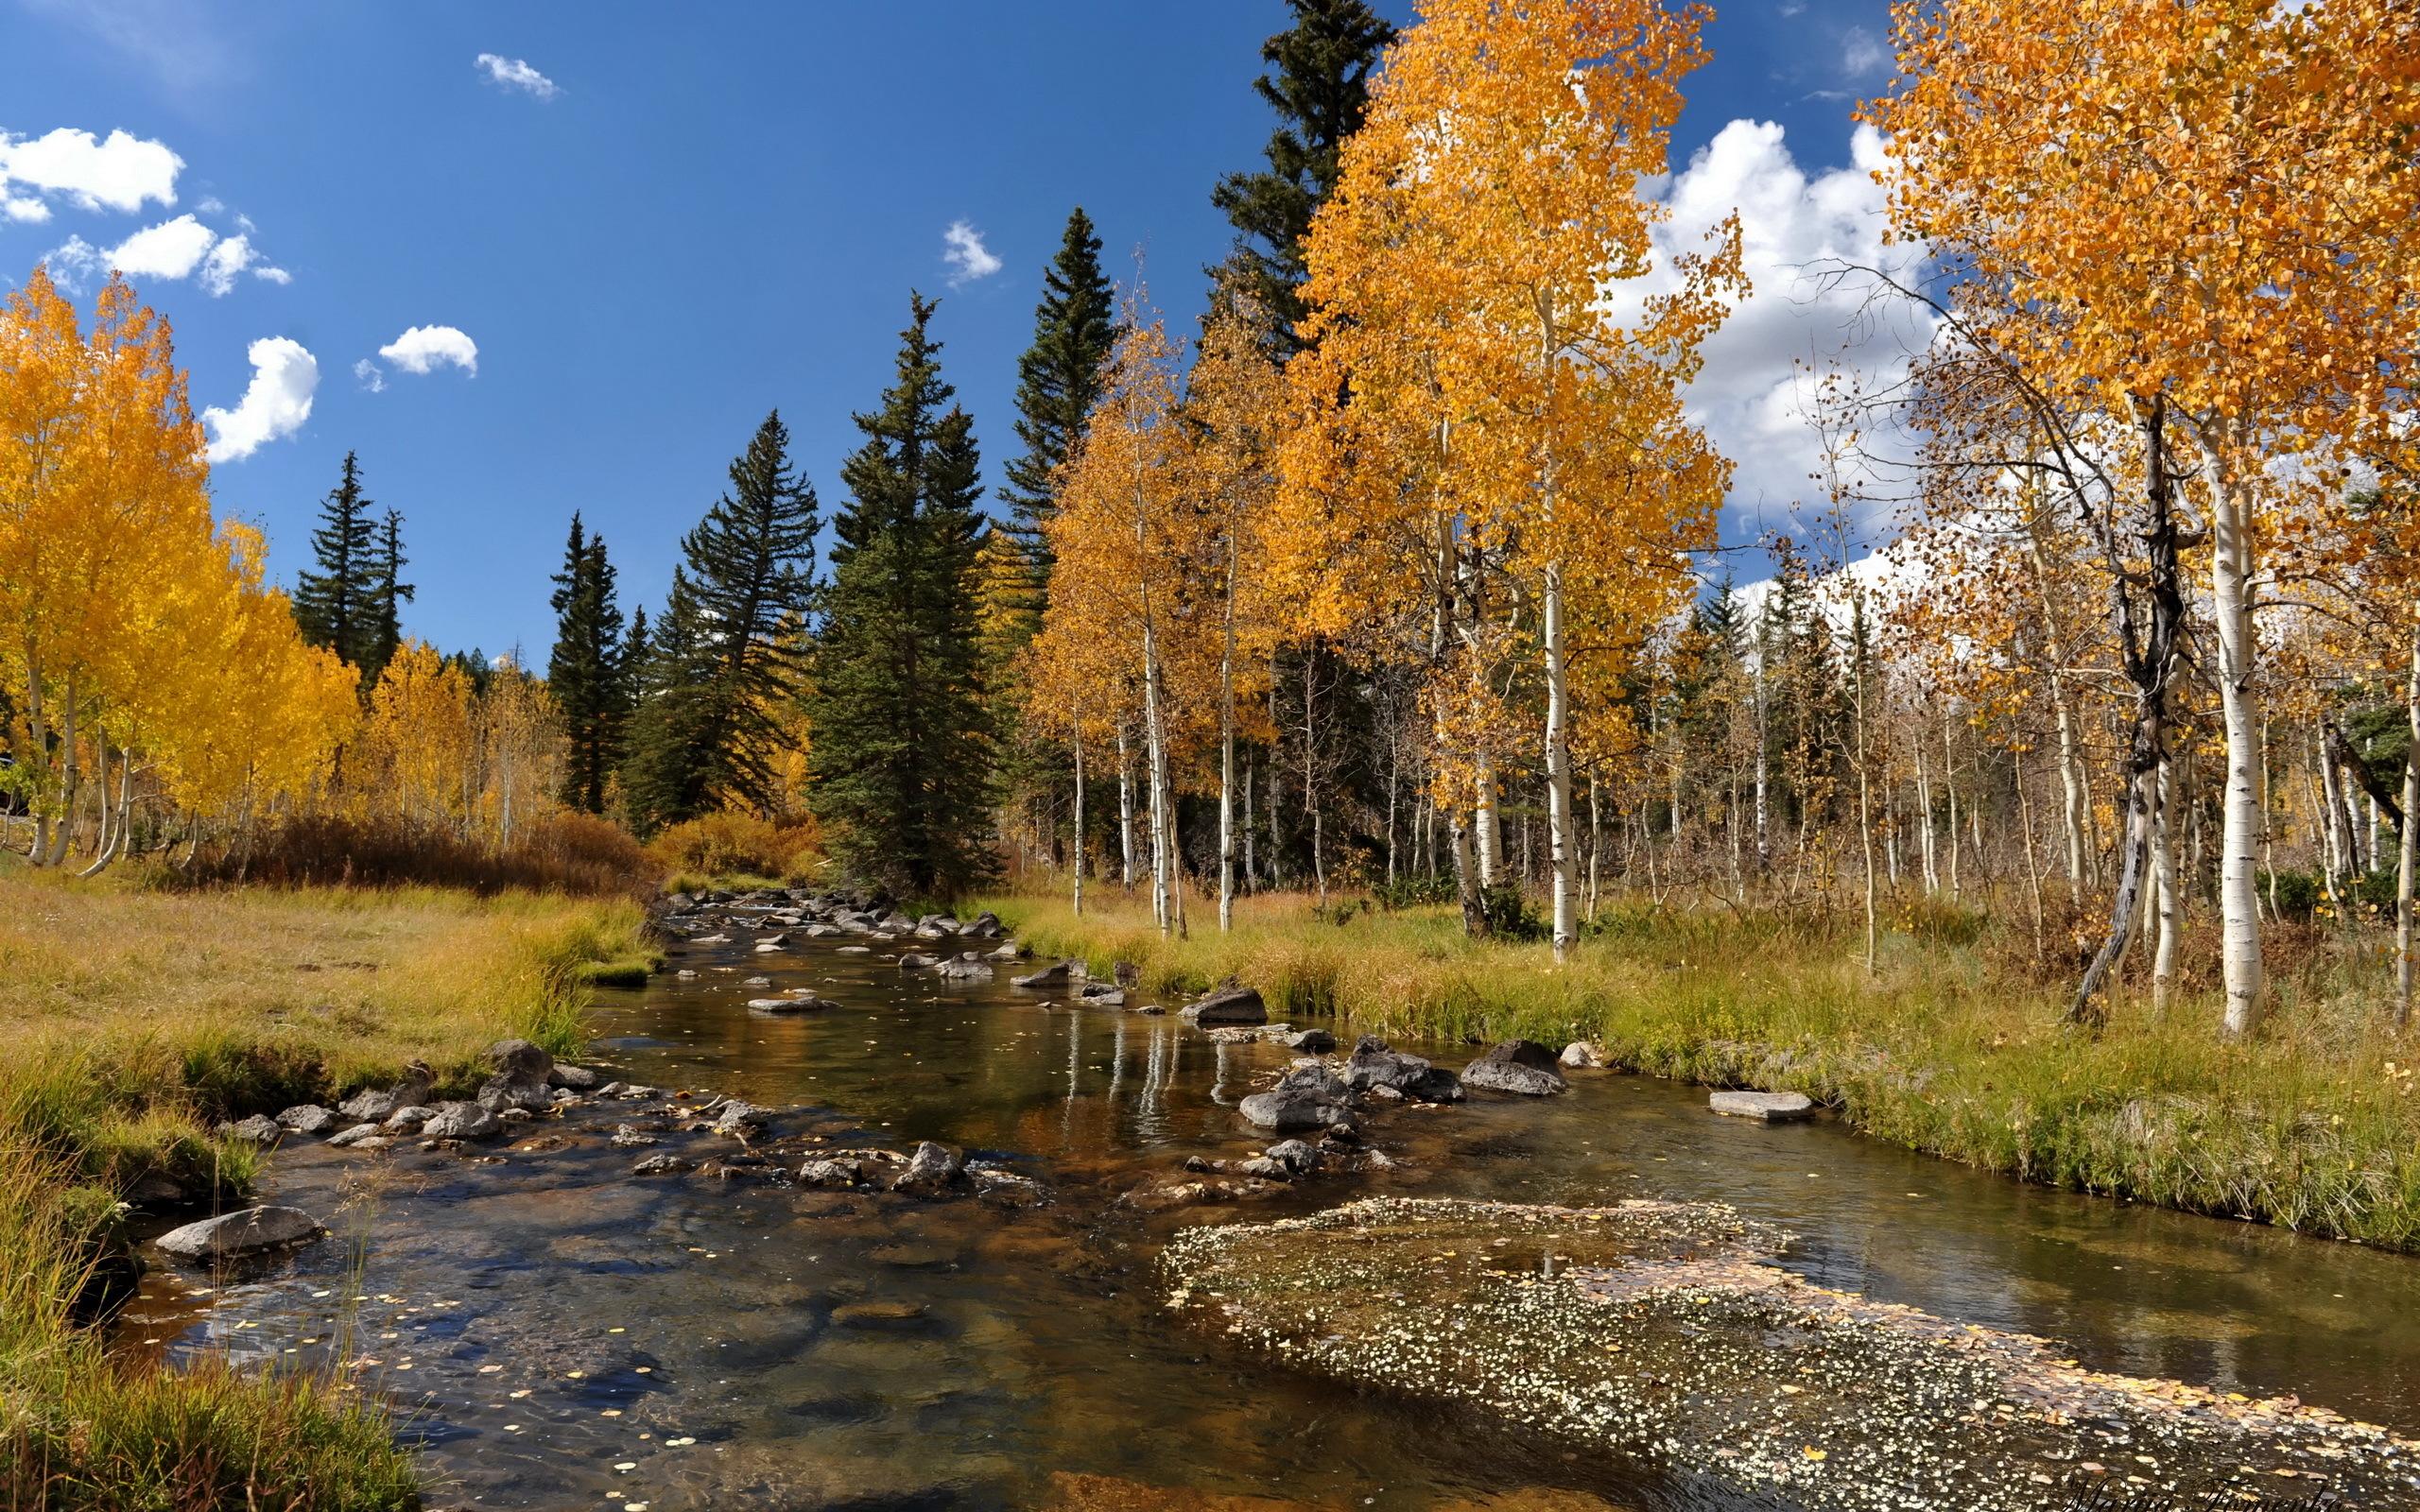 Fall Harvest Wallpaper Backgrounds Autumn Scene Desktop Wallpaper